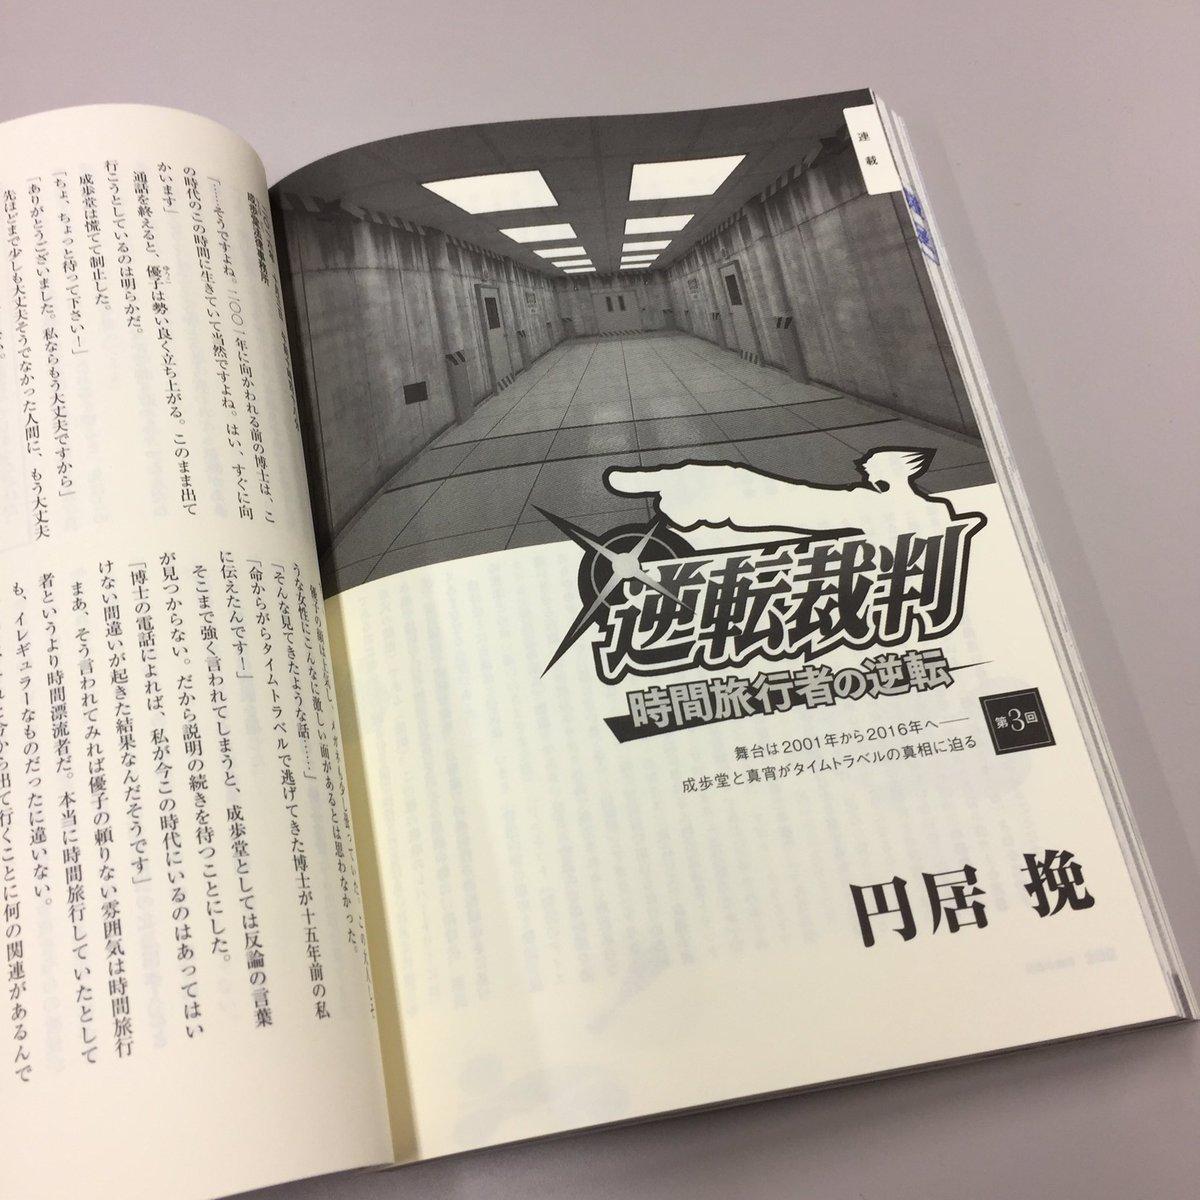 ミステリマガジン7月号が発売になりました! 円居さんの小説逆転裁判は、連載第3回。タイムトラベラーの優子を、成歩堂と真宵